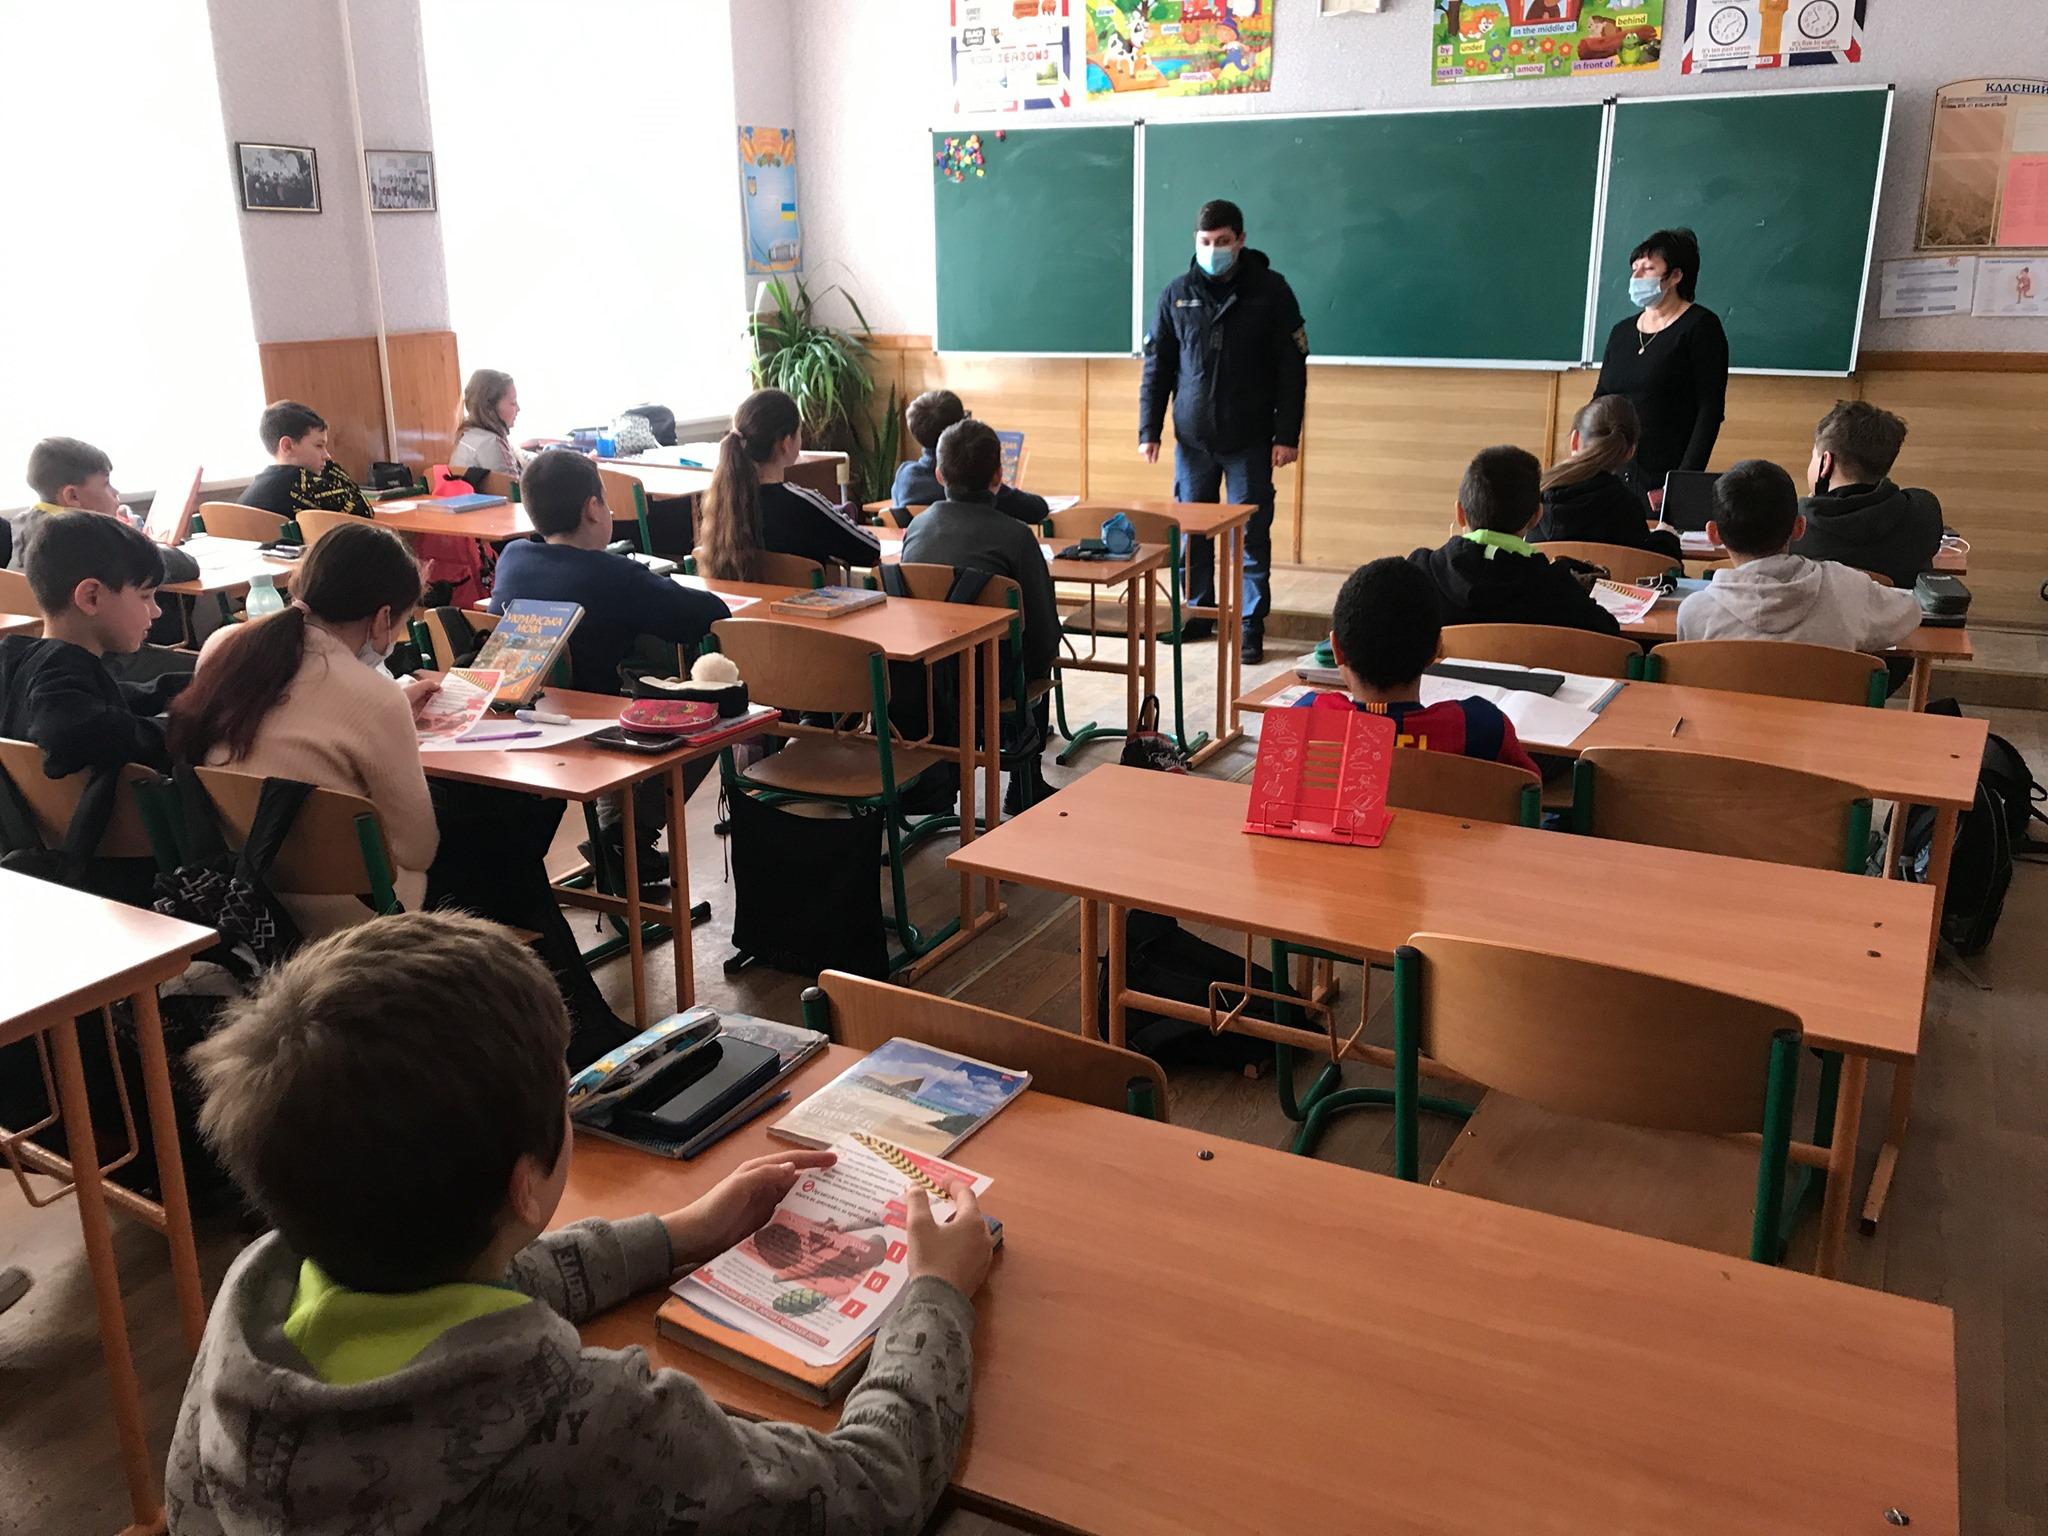 Кам'янські рятувальники провели для школярів урок безпеки